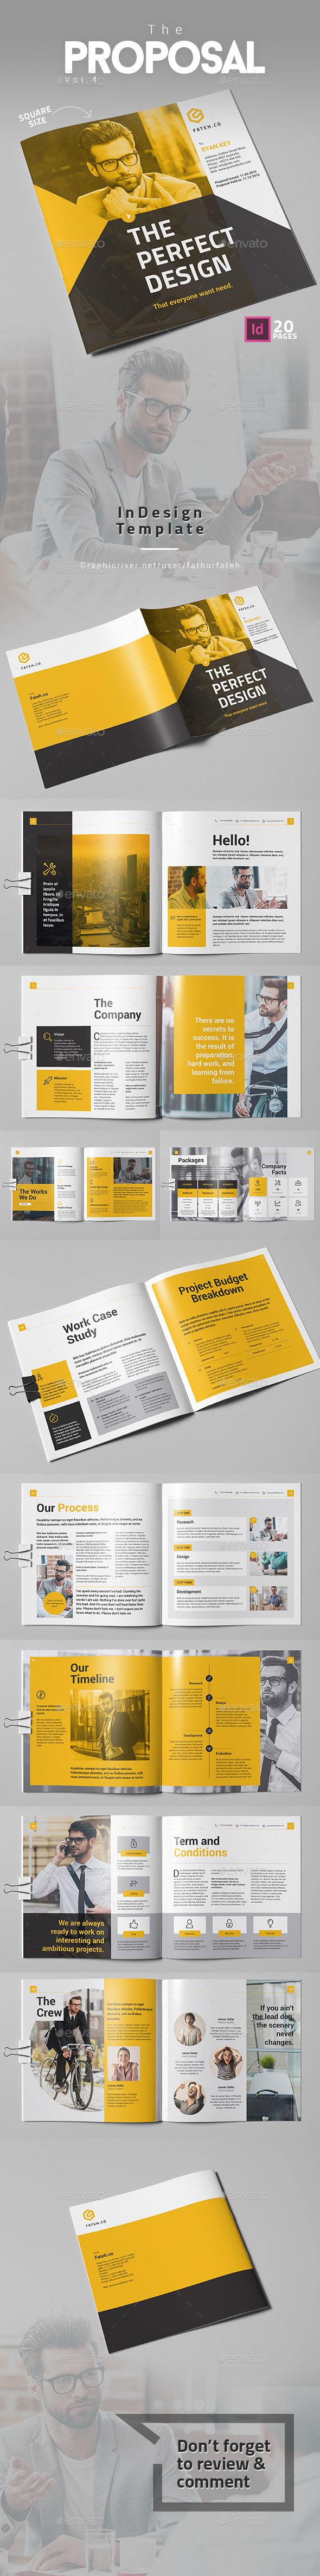 GraphicRiver The Proposal Vol 4 Square 20677353